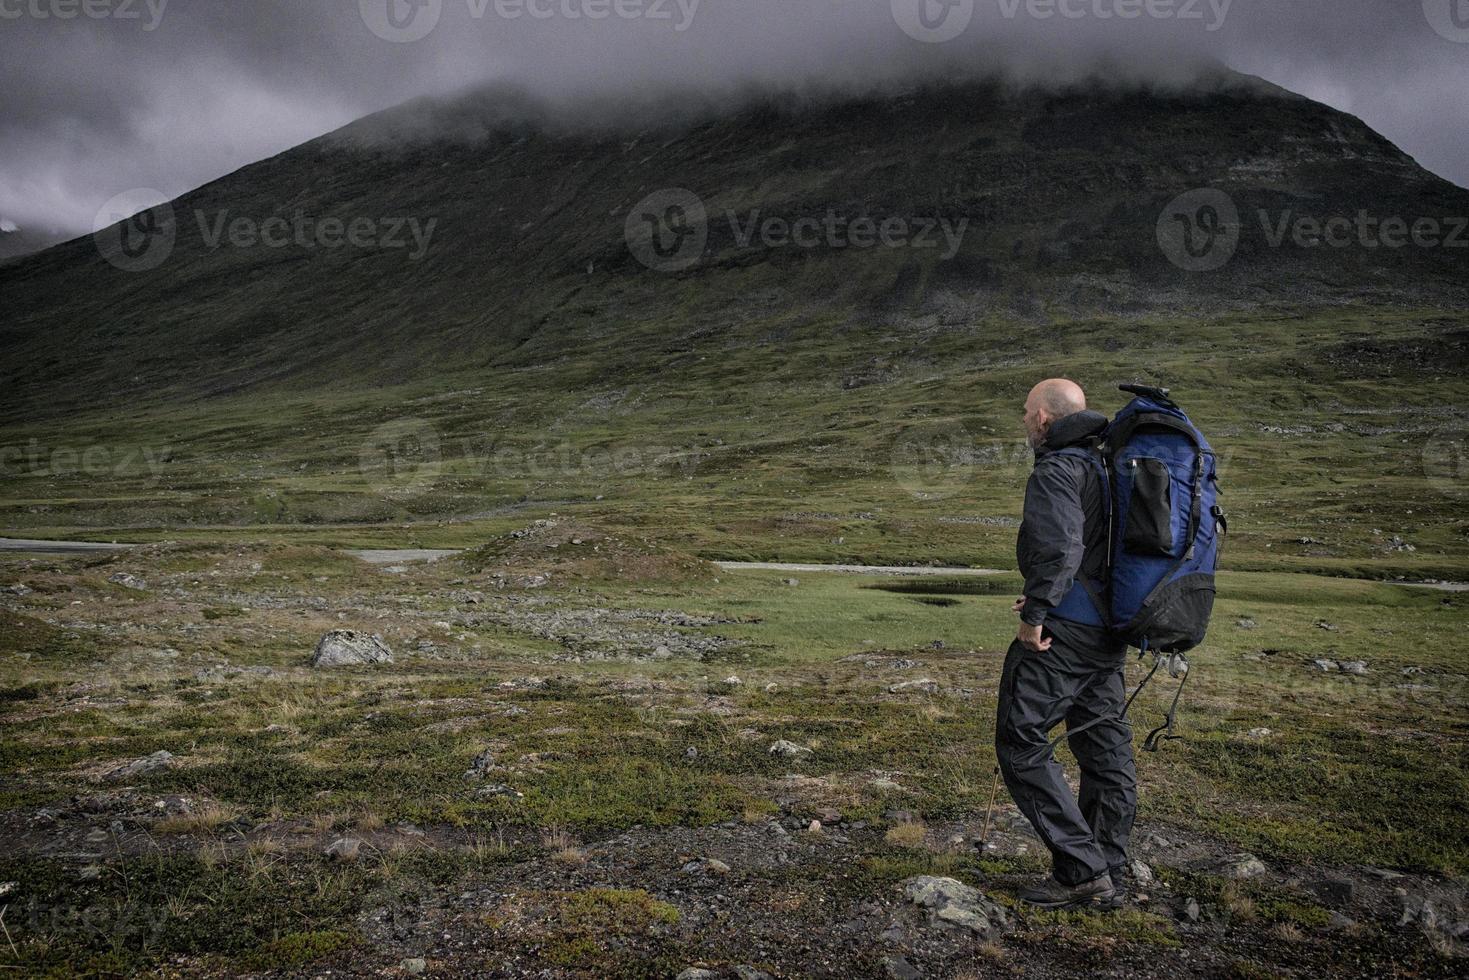 escursionista nel paesaggio minaccioso foto